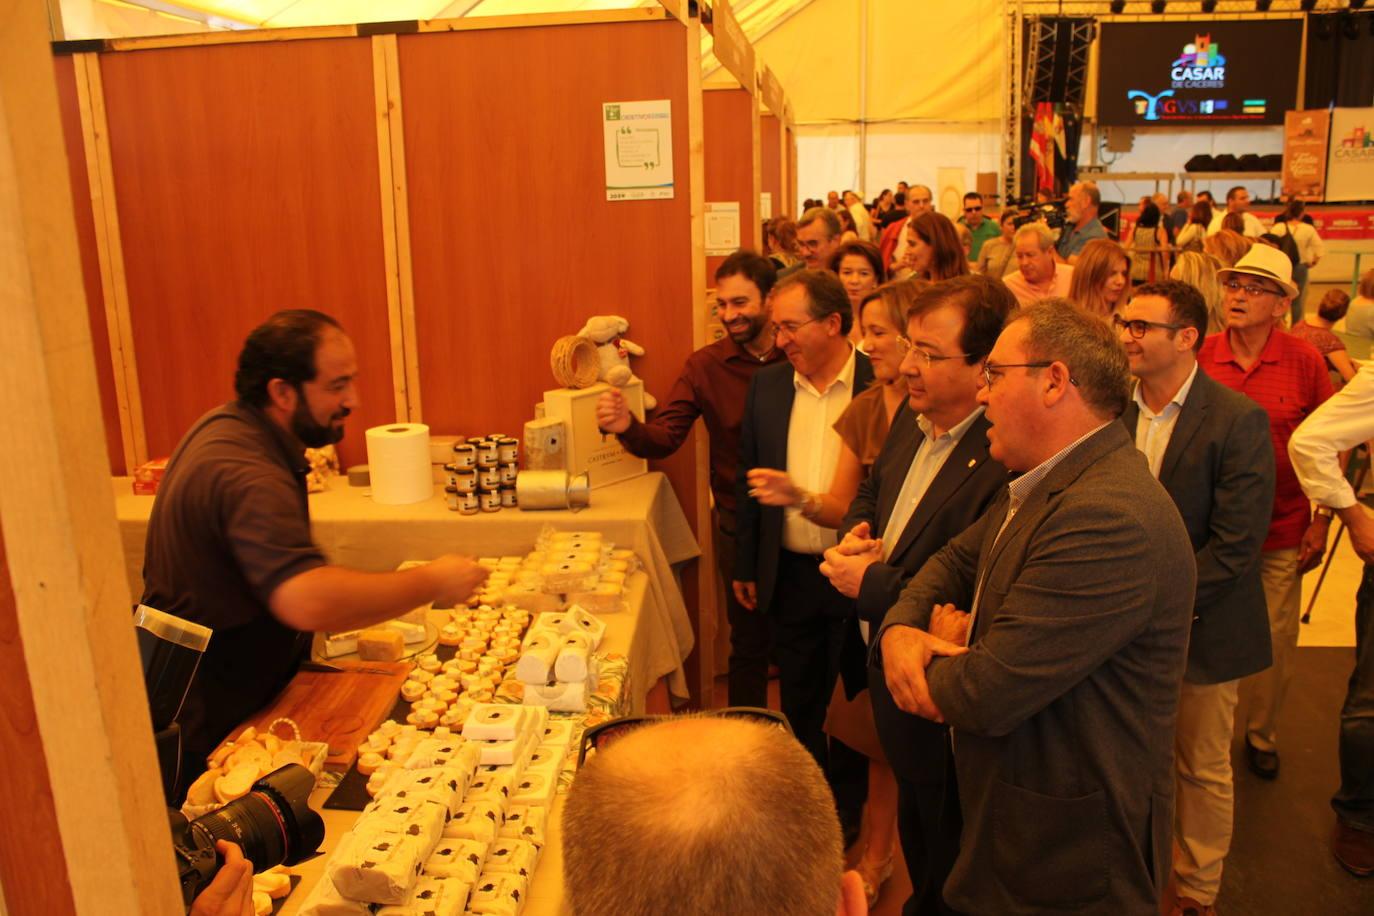 Casar de Cáceres pretende que su Feria Europea sea el evento quesero más importante del otoño en la región